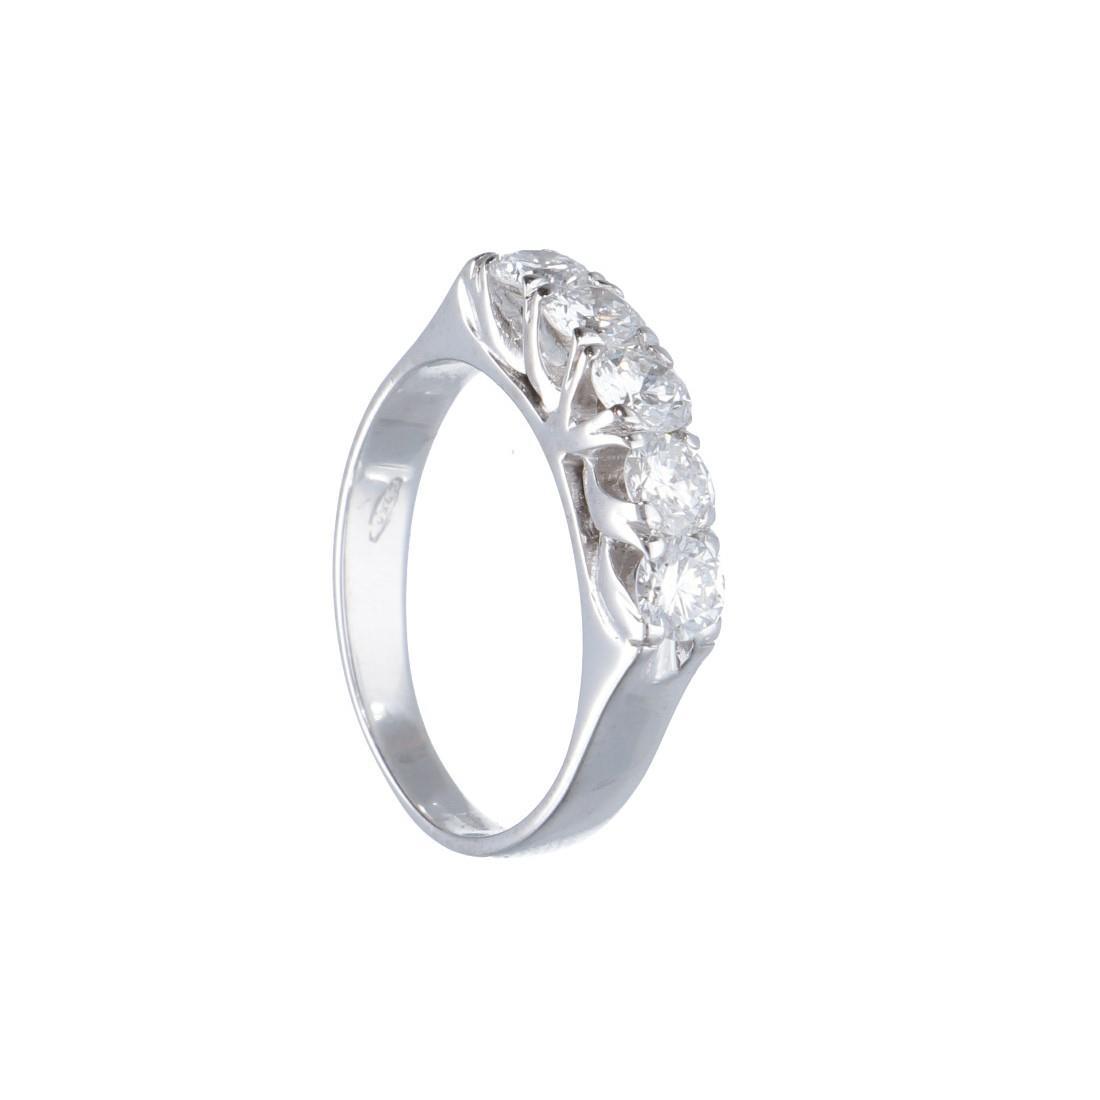 Anello riviere 5 pietre in oro bianco con diamanti mis 11.5 - ALFIERI ST JOHN